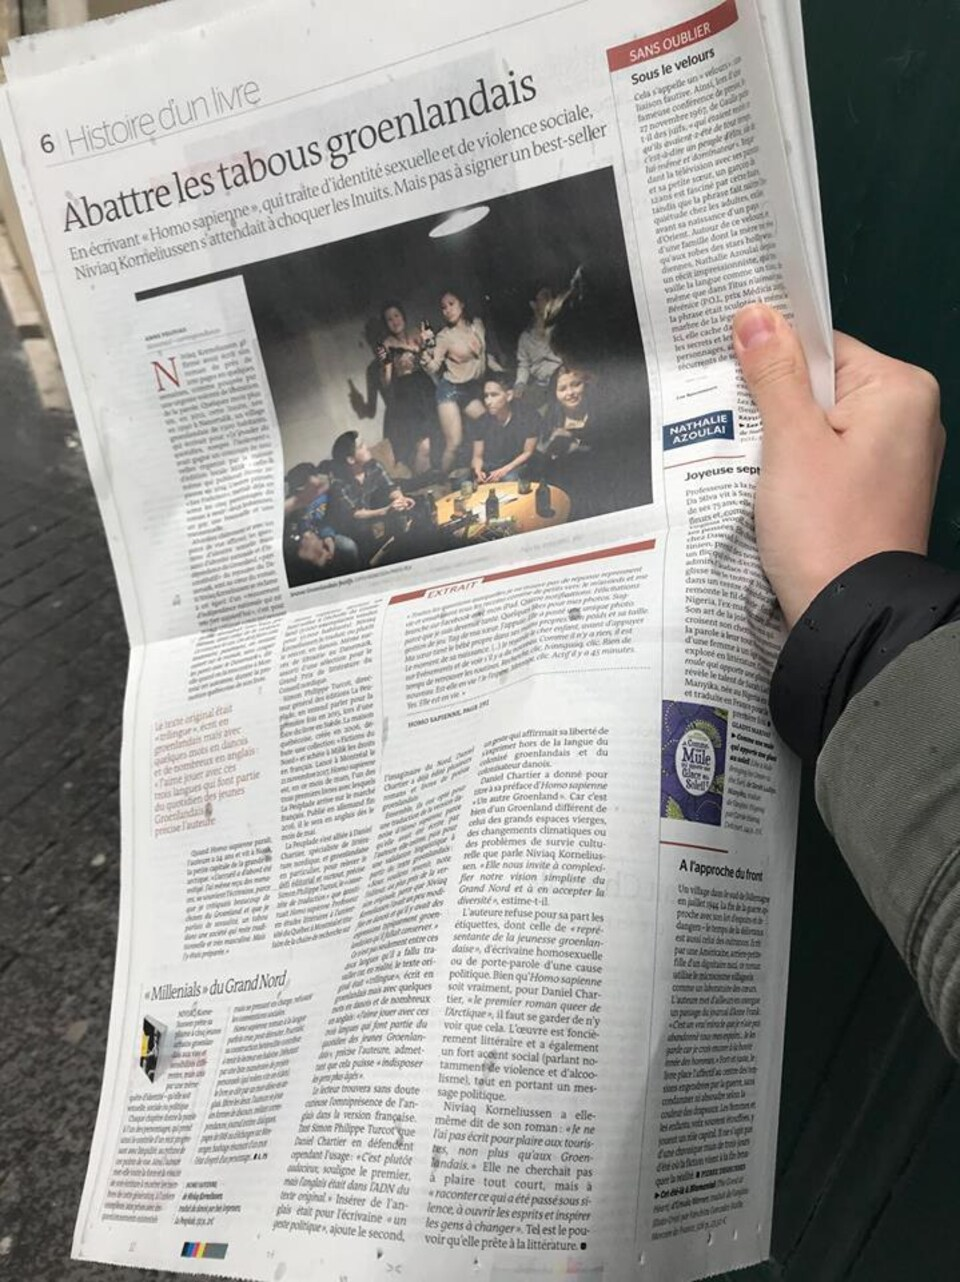 Un article de journal avec comme titre Abattre les tabous groenlandais.